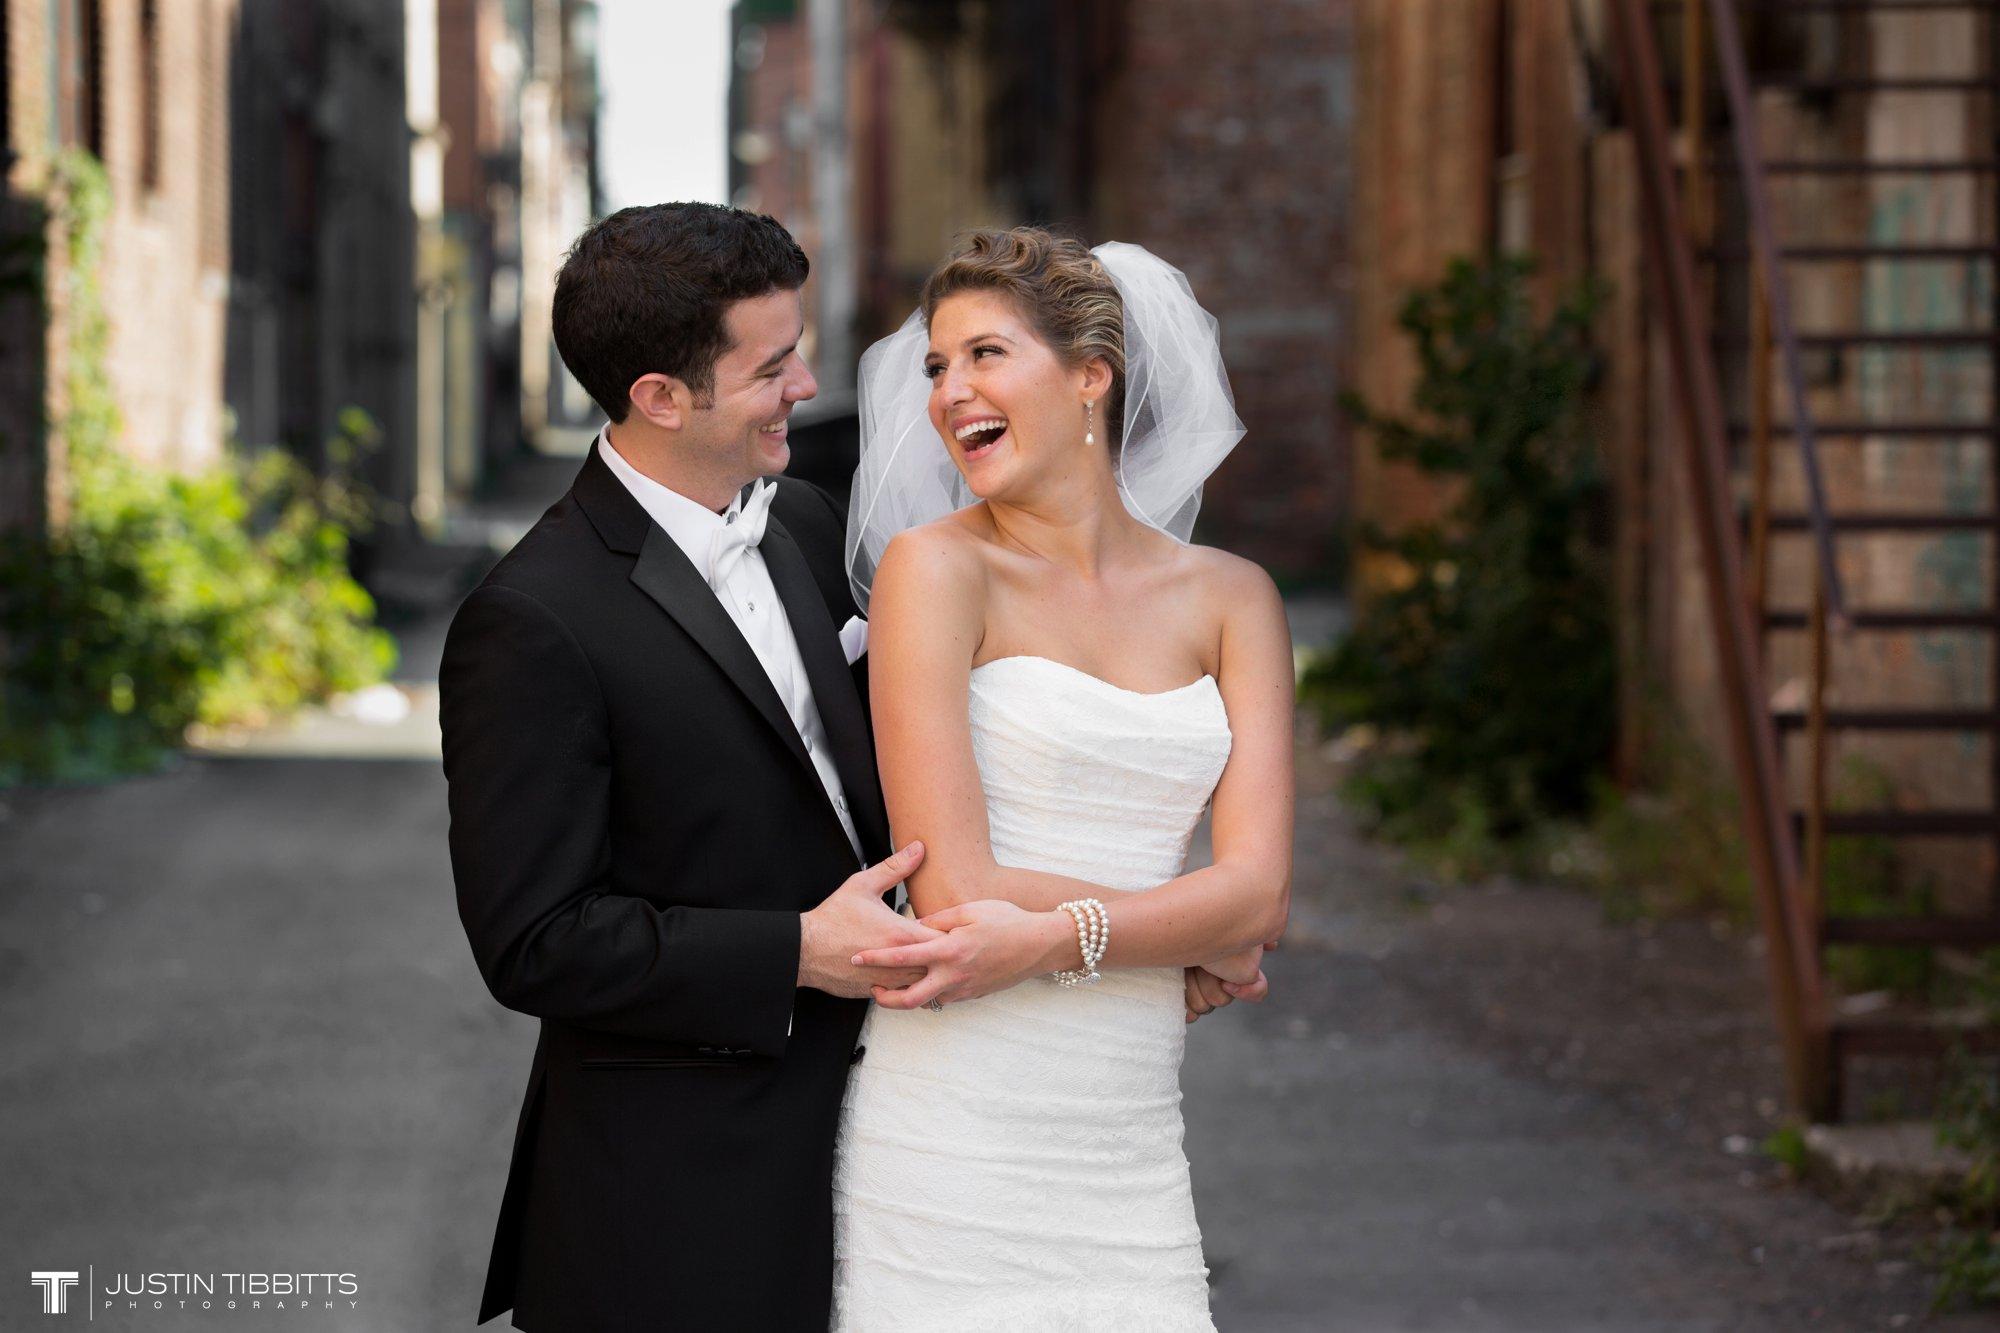 Albany NY Wedding Photographer Justin Tibbitts Photography 2014 Best of Albany NY Weddings-2576596